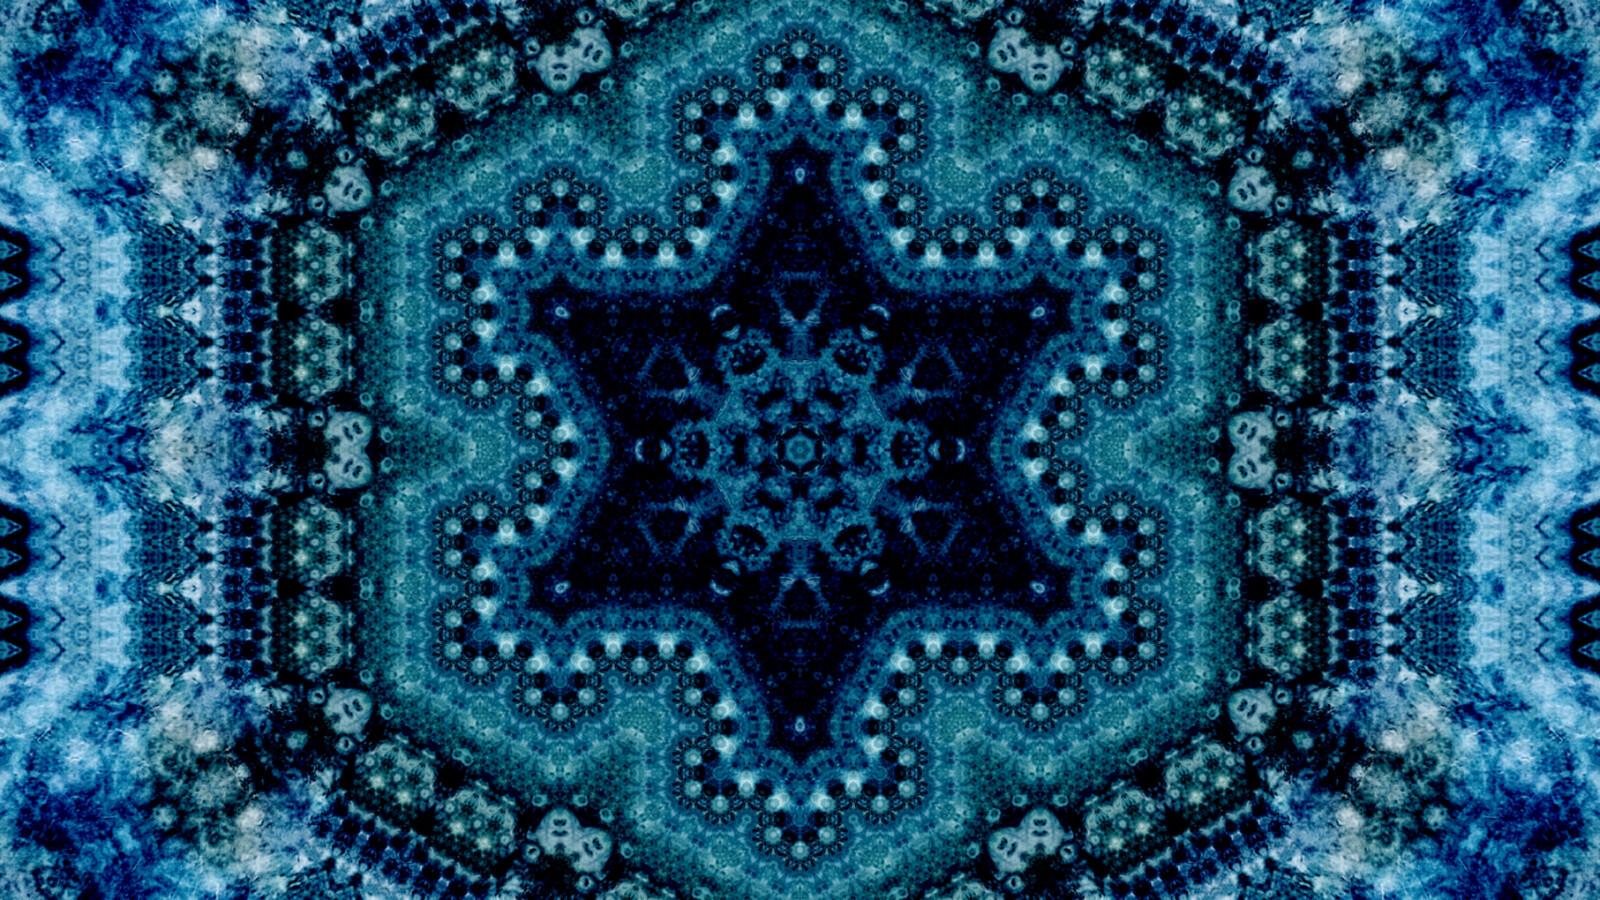 Star Patterns (Shader)